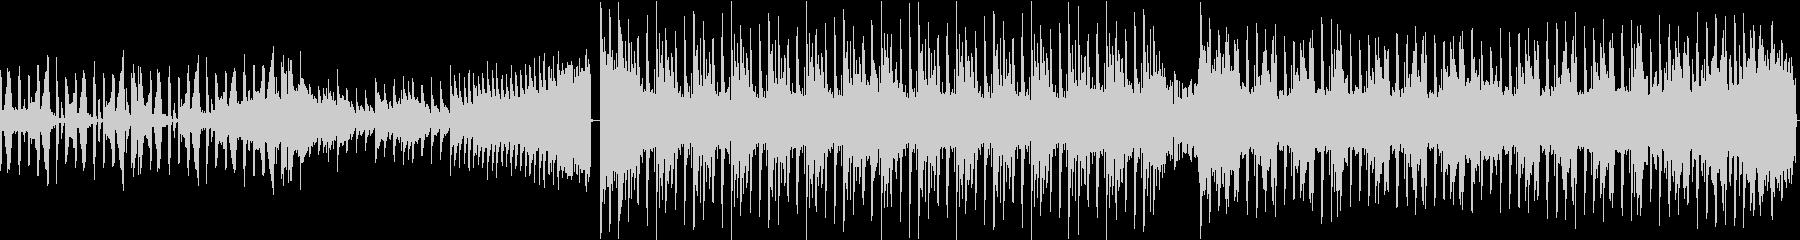 ニュース 事件 報道 EDM ループの未再生の波形